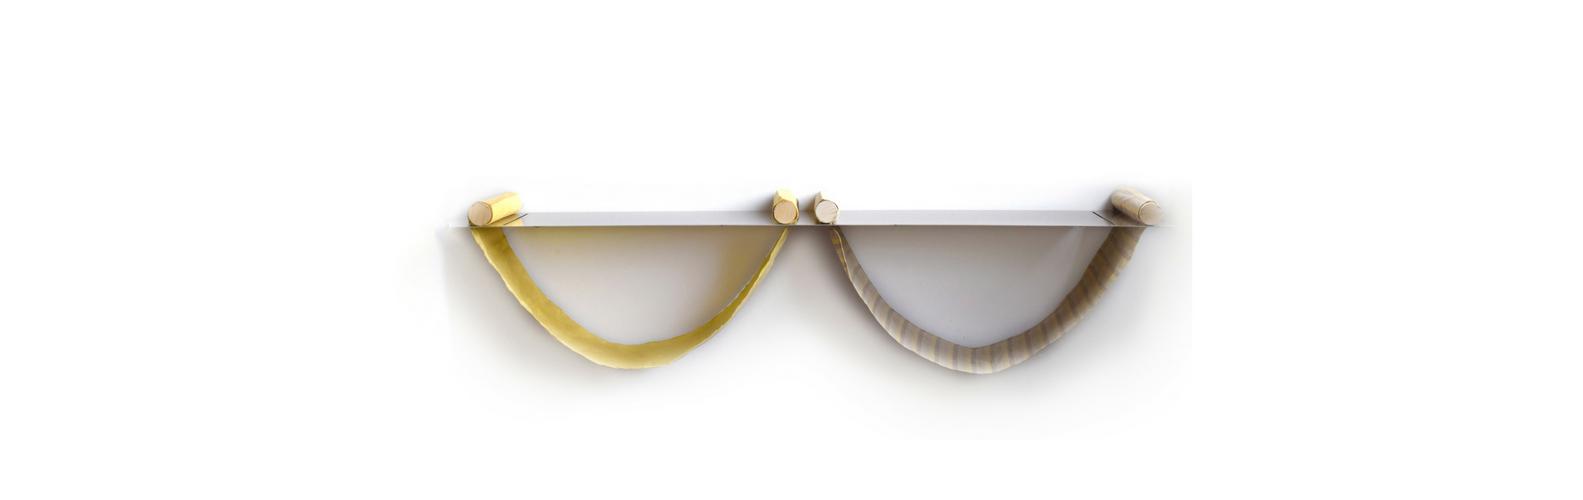 Vestale - Lamberti Design